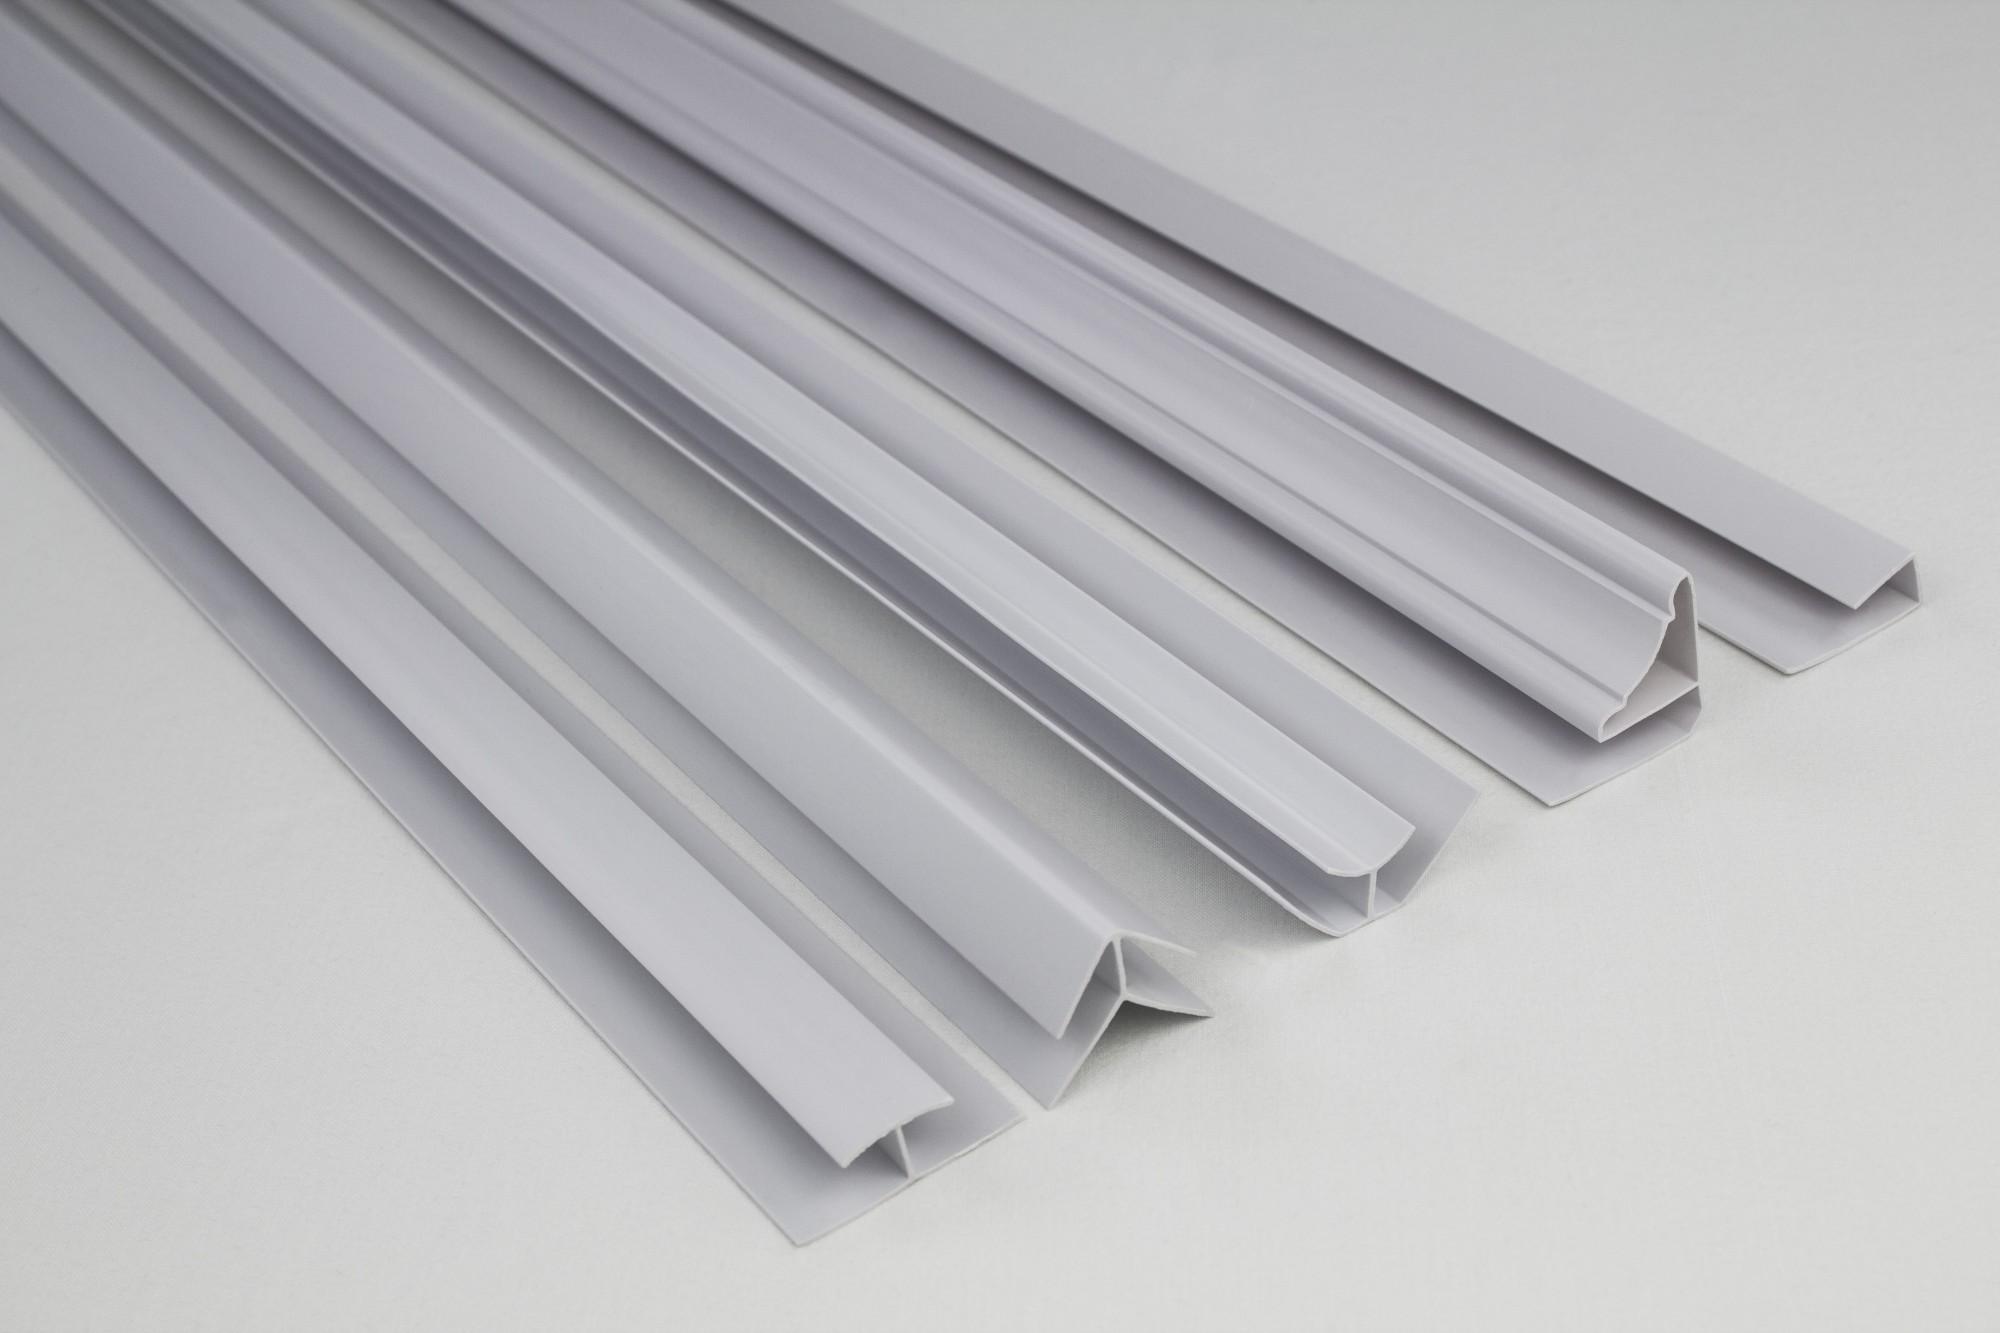 zubeh r f r pvc paneele decken wandpaneele g2 hw04 marble white white hexim webshop. Black Bedroom Furniture Sets. Home Design Ideas